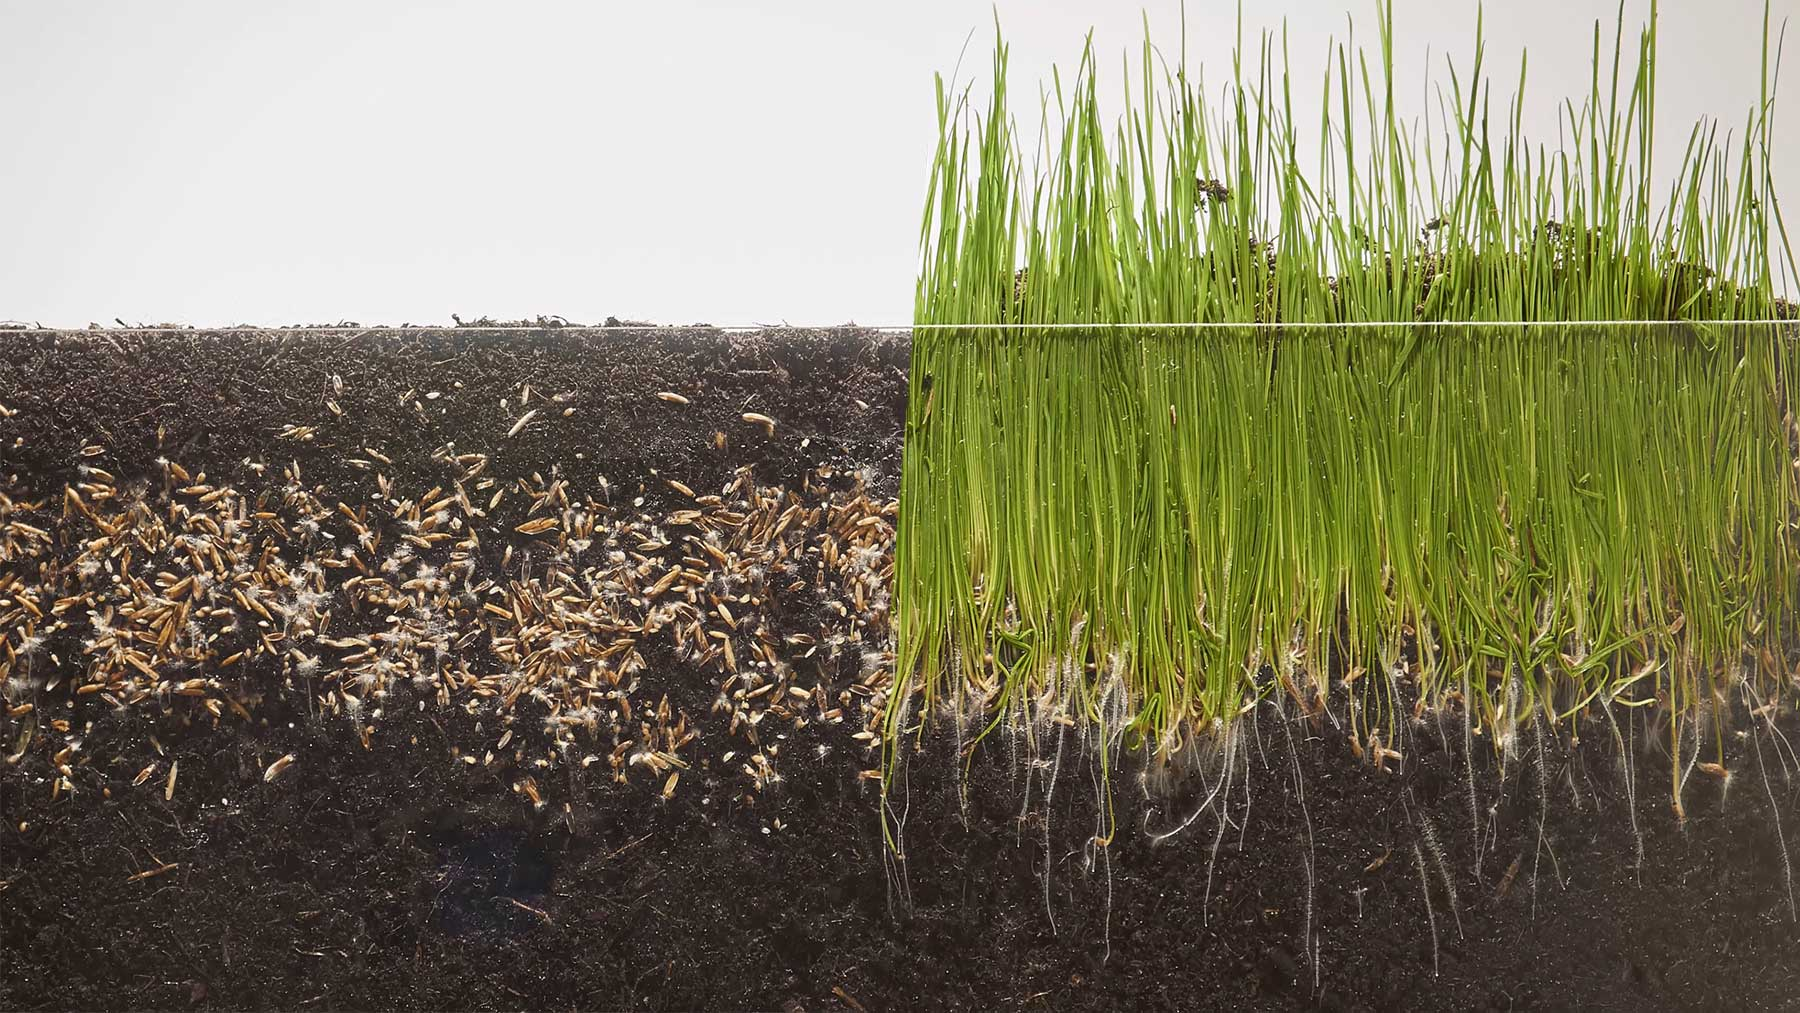 Gras beim Wachsen zuschauen